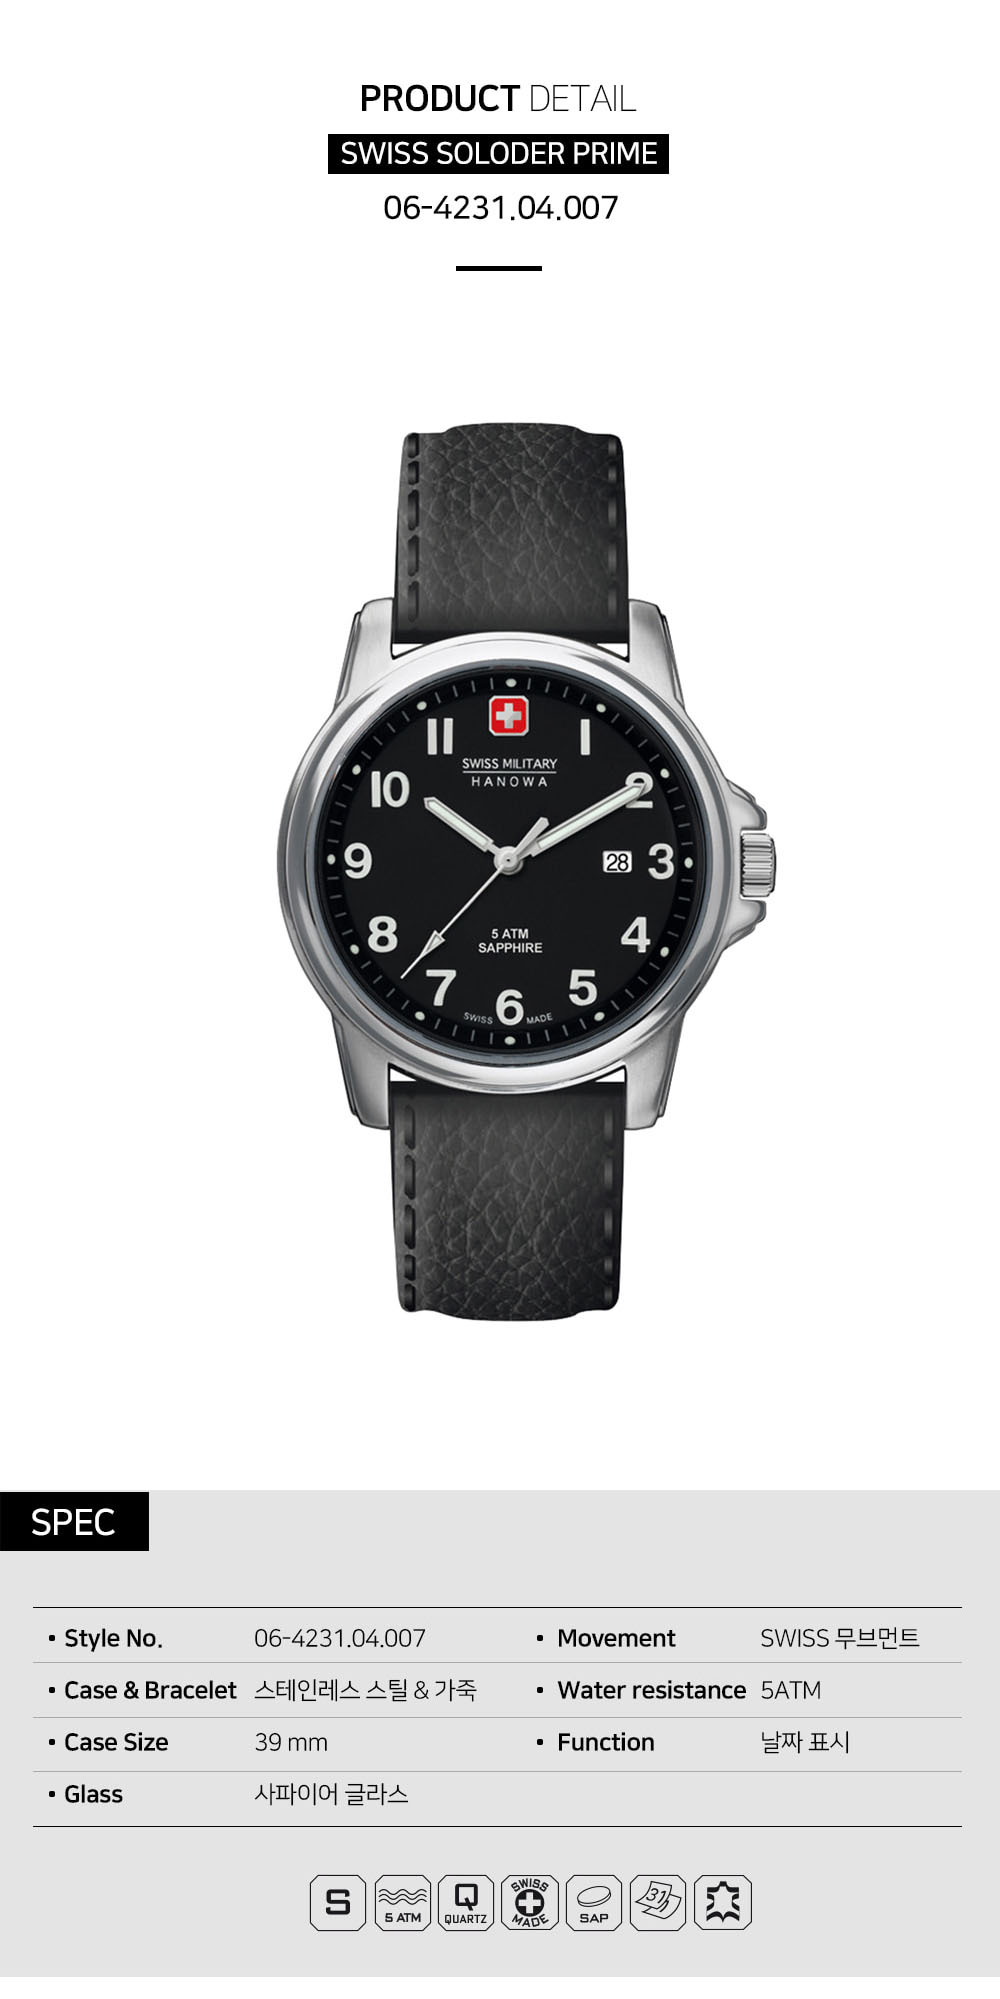 스위스 밀리터리 하노와(SWISS MILITARY HANOWA) 시계 06-4231.04.007